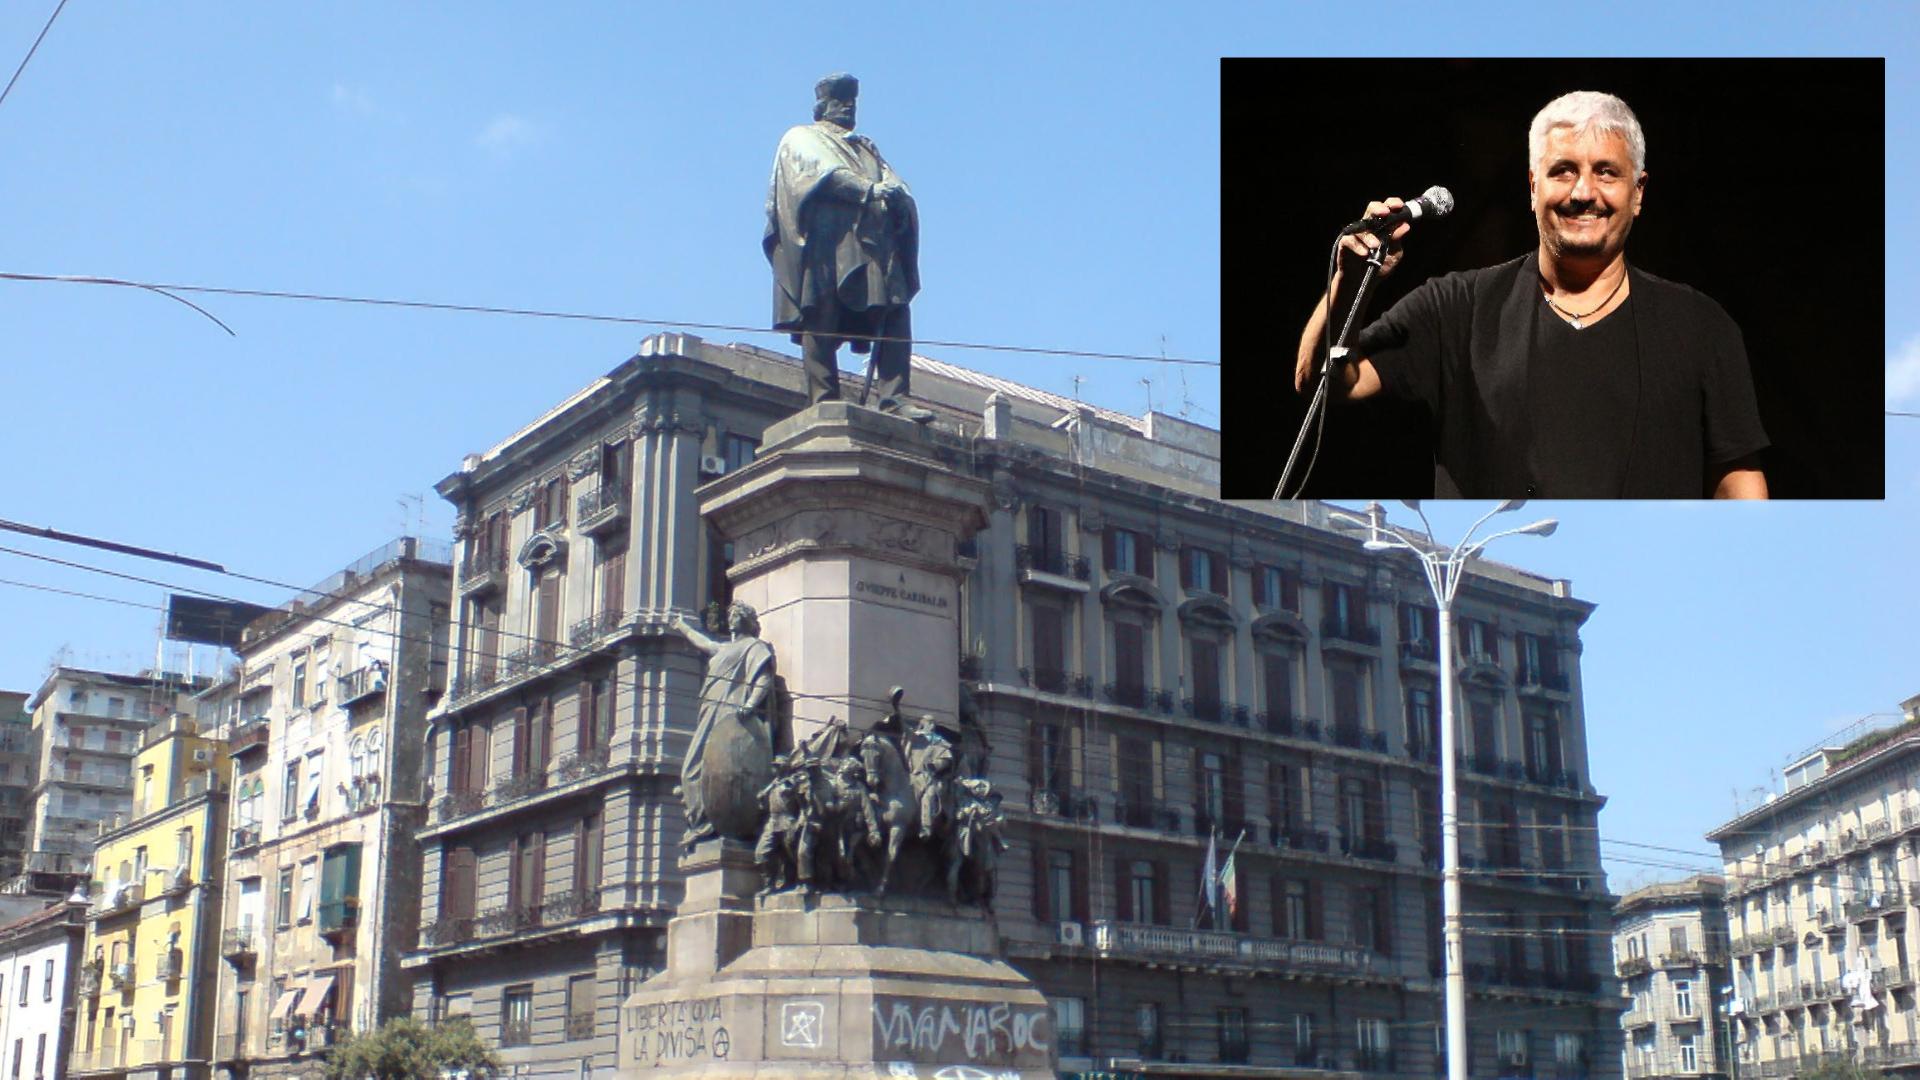 La petizione: intitolare piazza Garibaldi a Pino Daniele